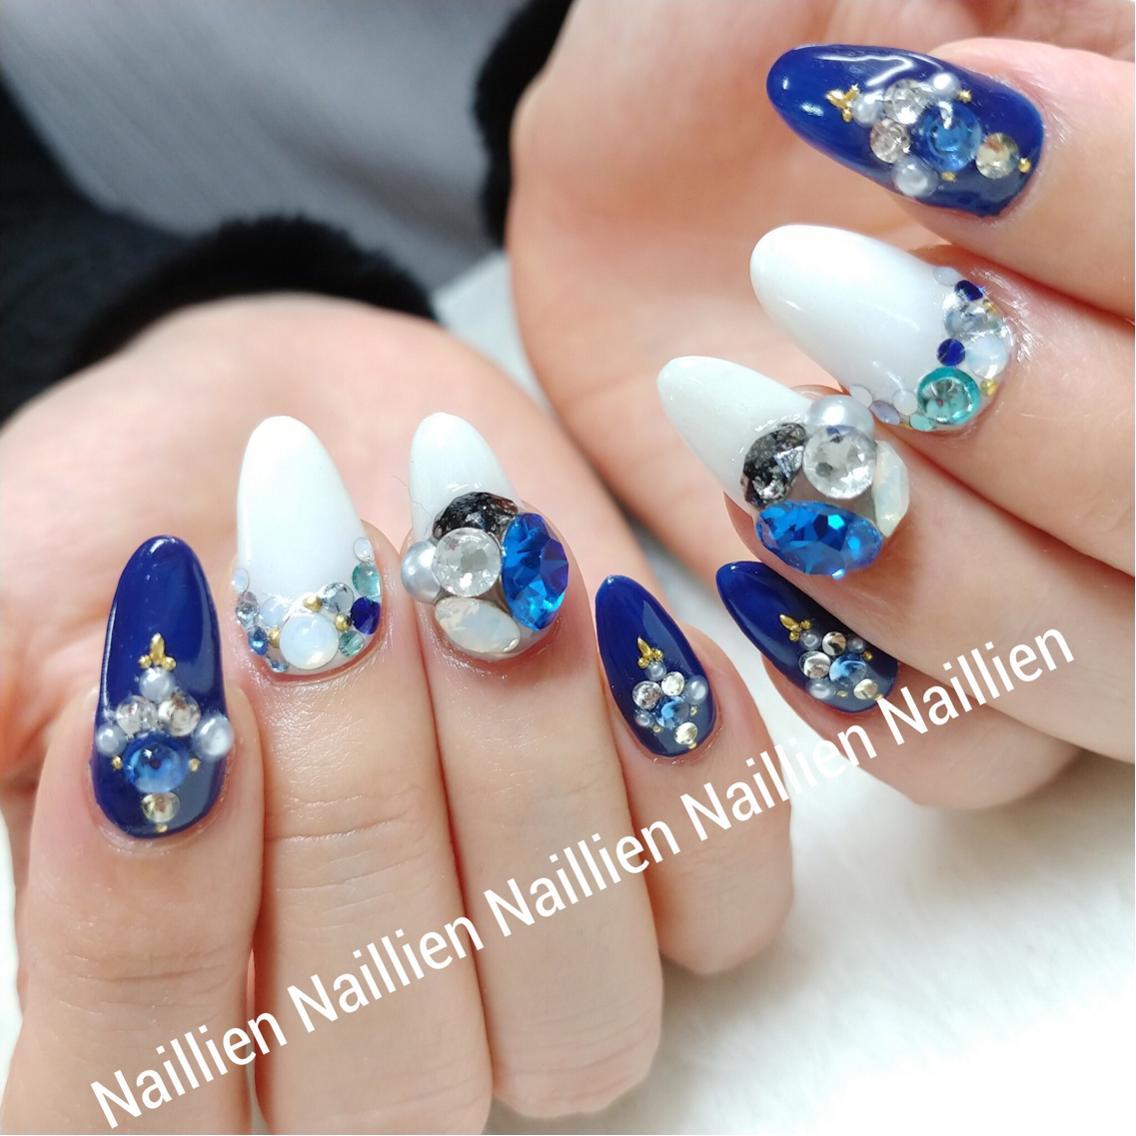 ブイカット別途追加\u203b|nail foot care salon lien所属・NaillieN